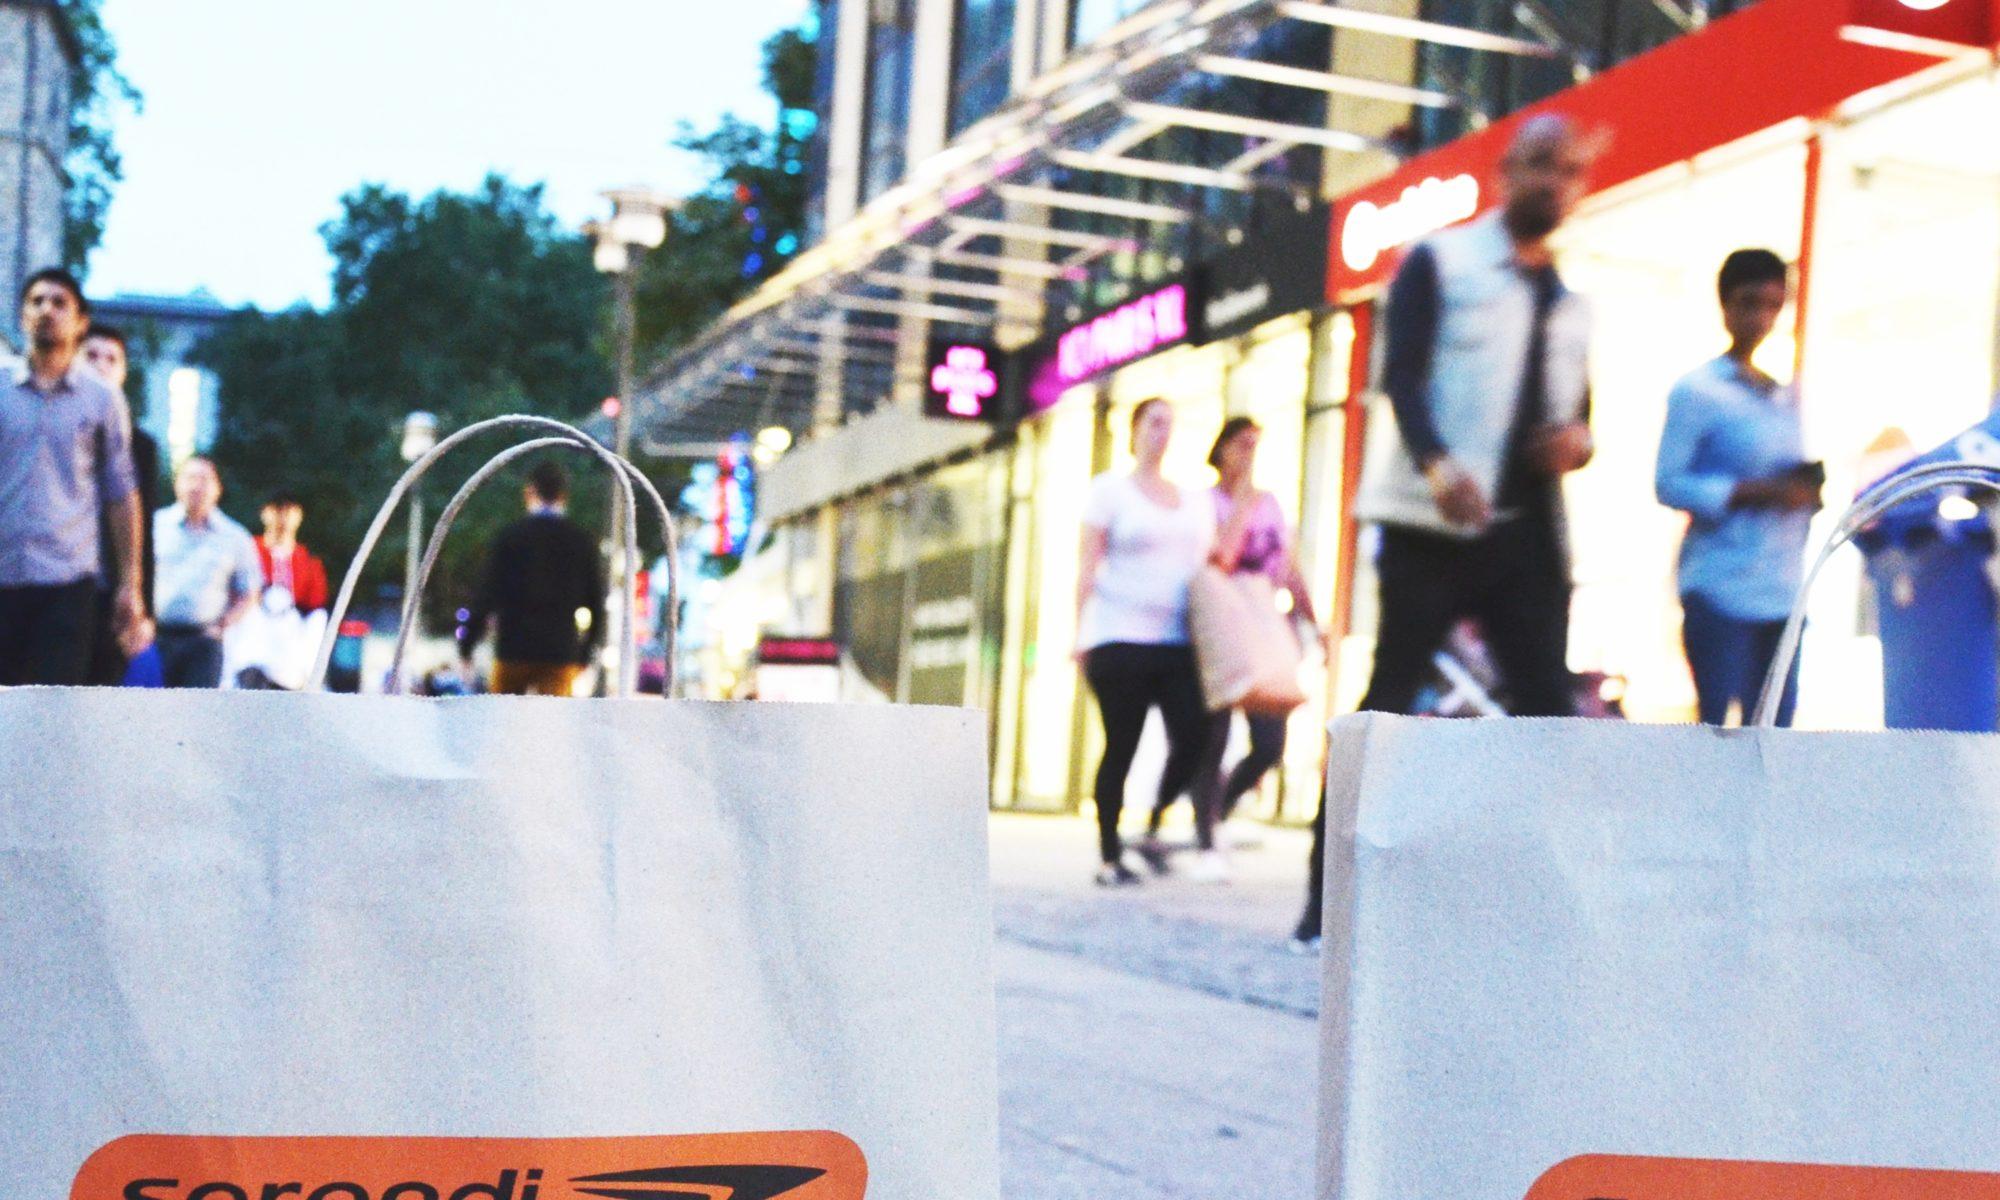 Einkaufstüten aus Papier in einer Fußgängerzone